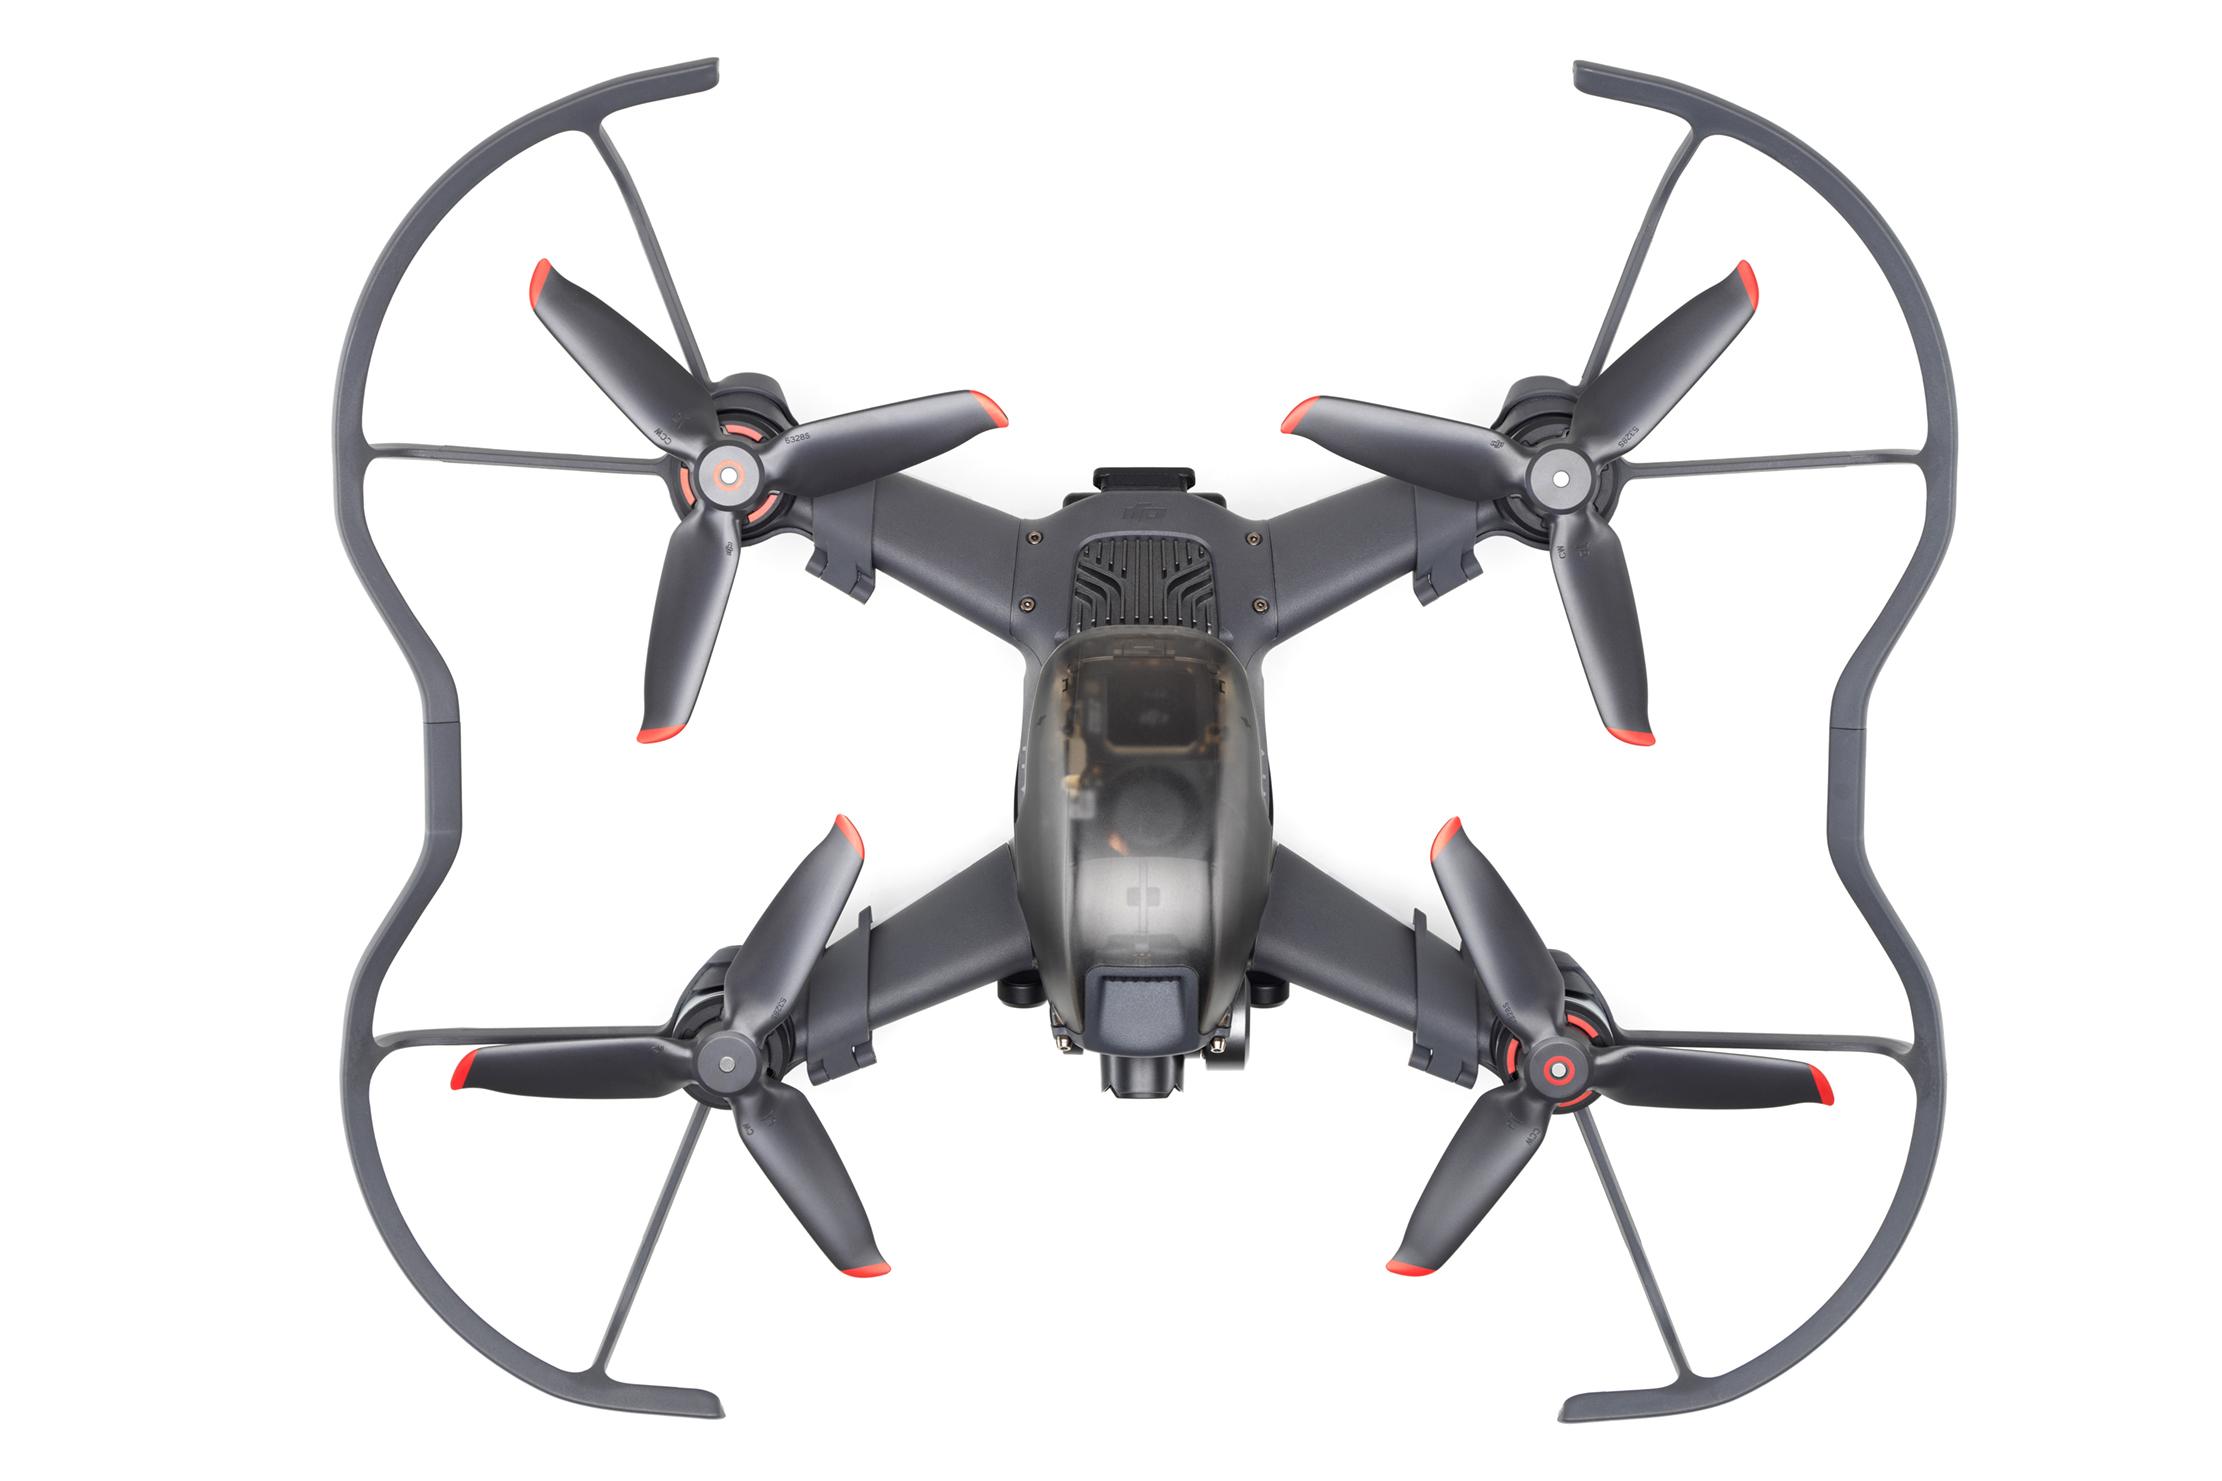 Drone + protectores de hélice 2